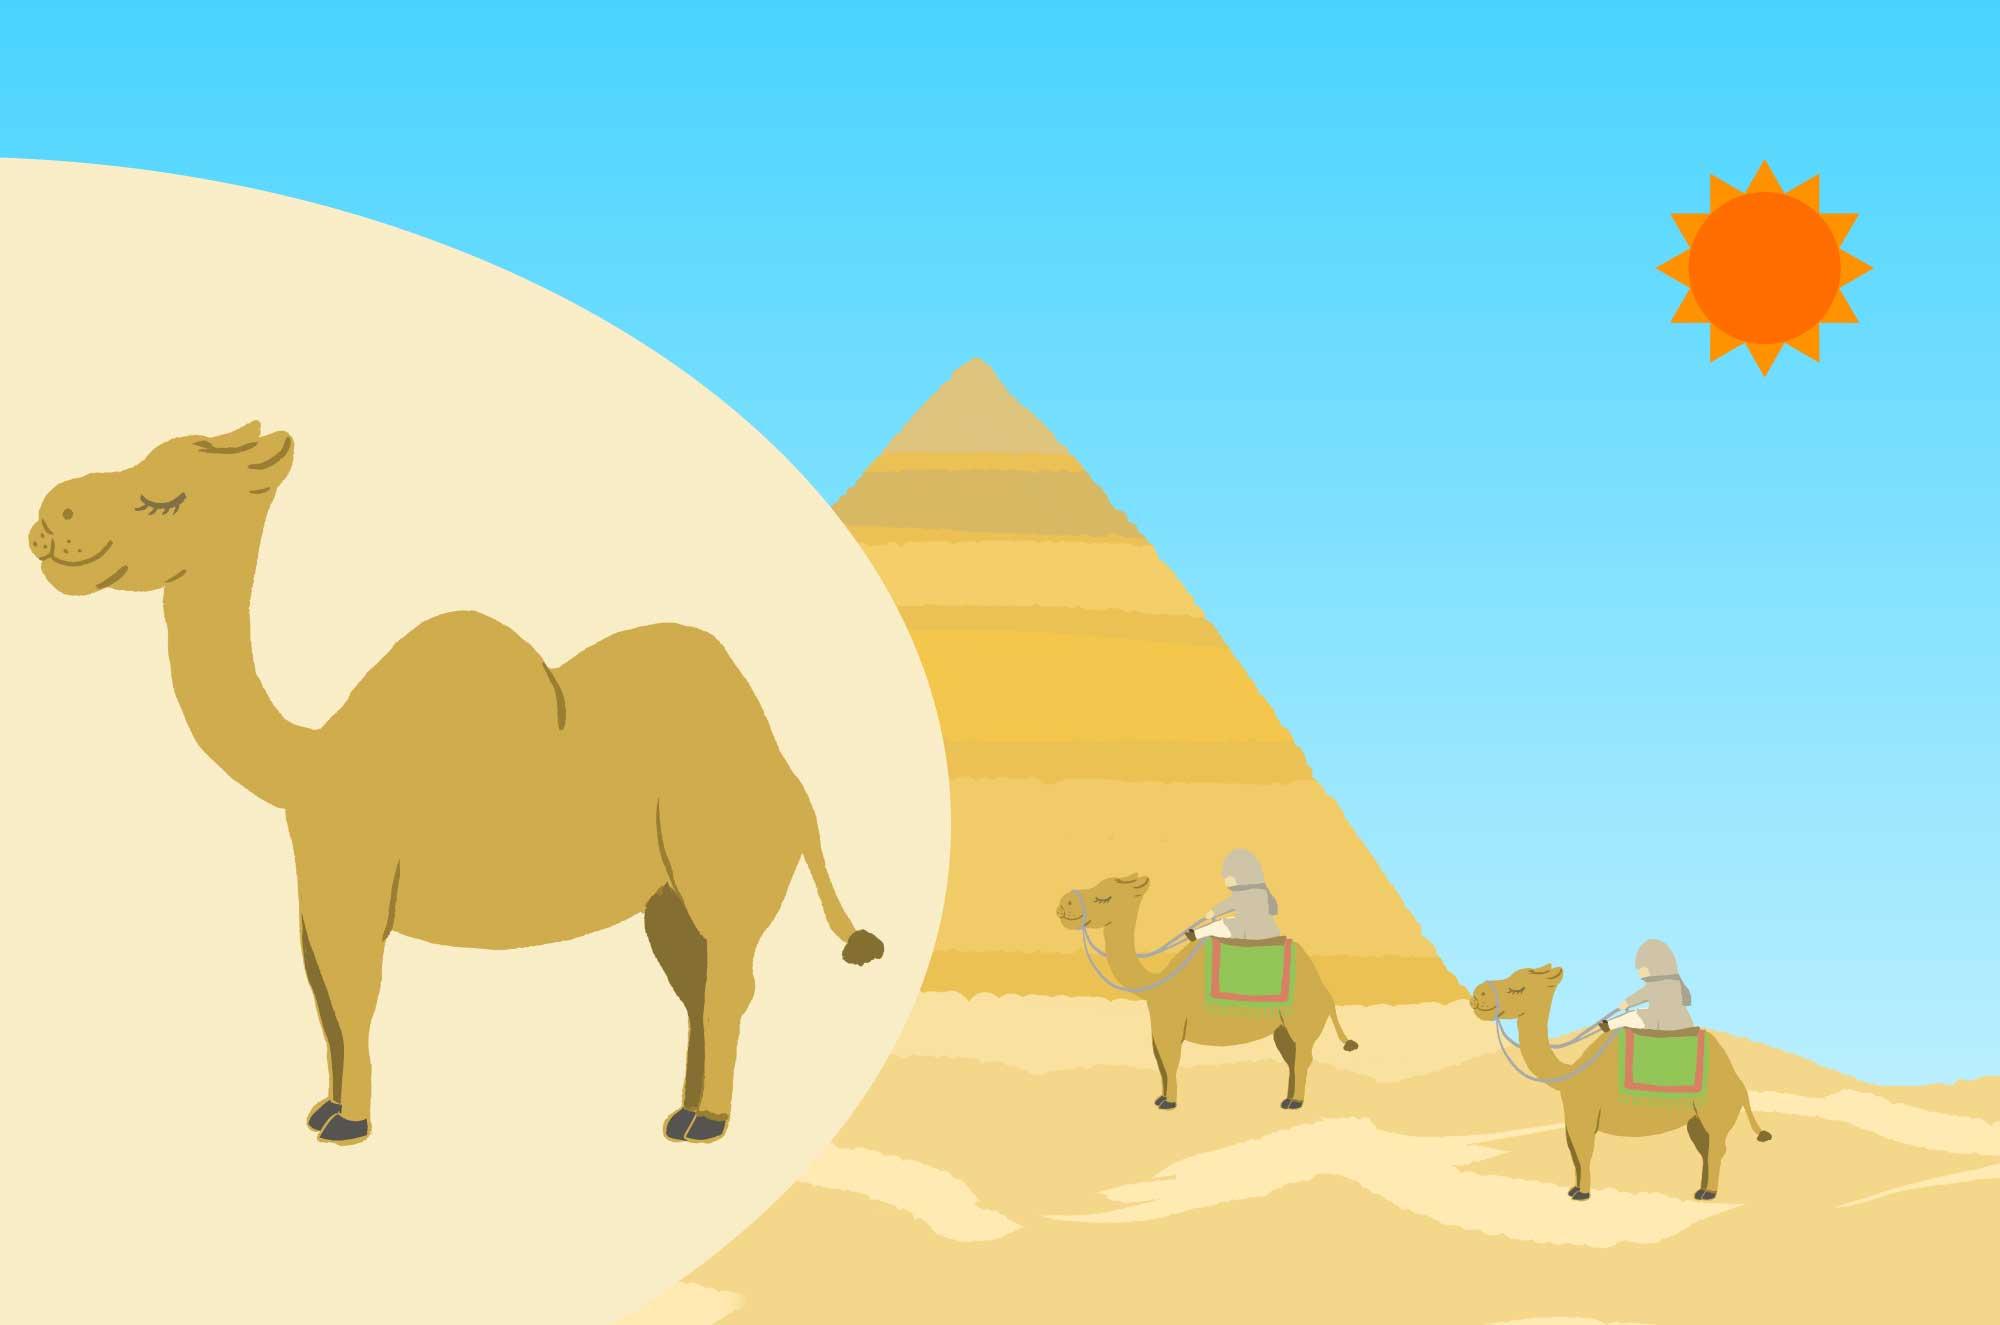 可愛いラクダのイラスト - 砂漠の動物無料素材